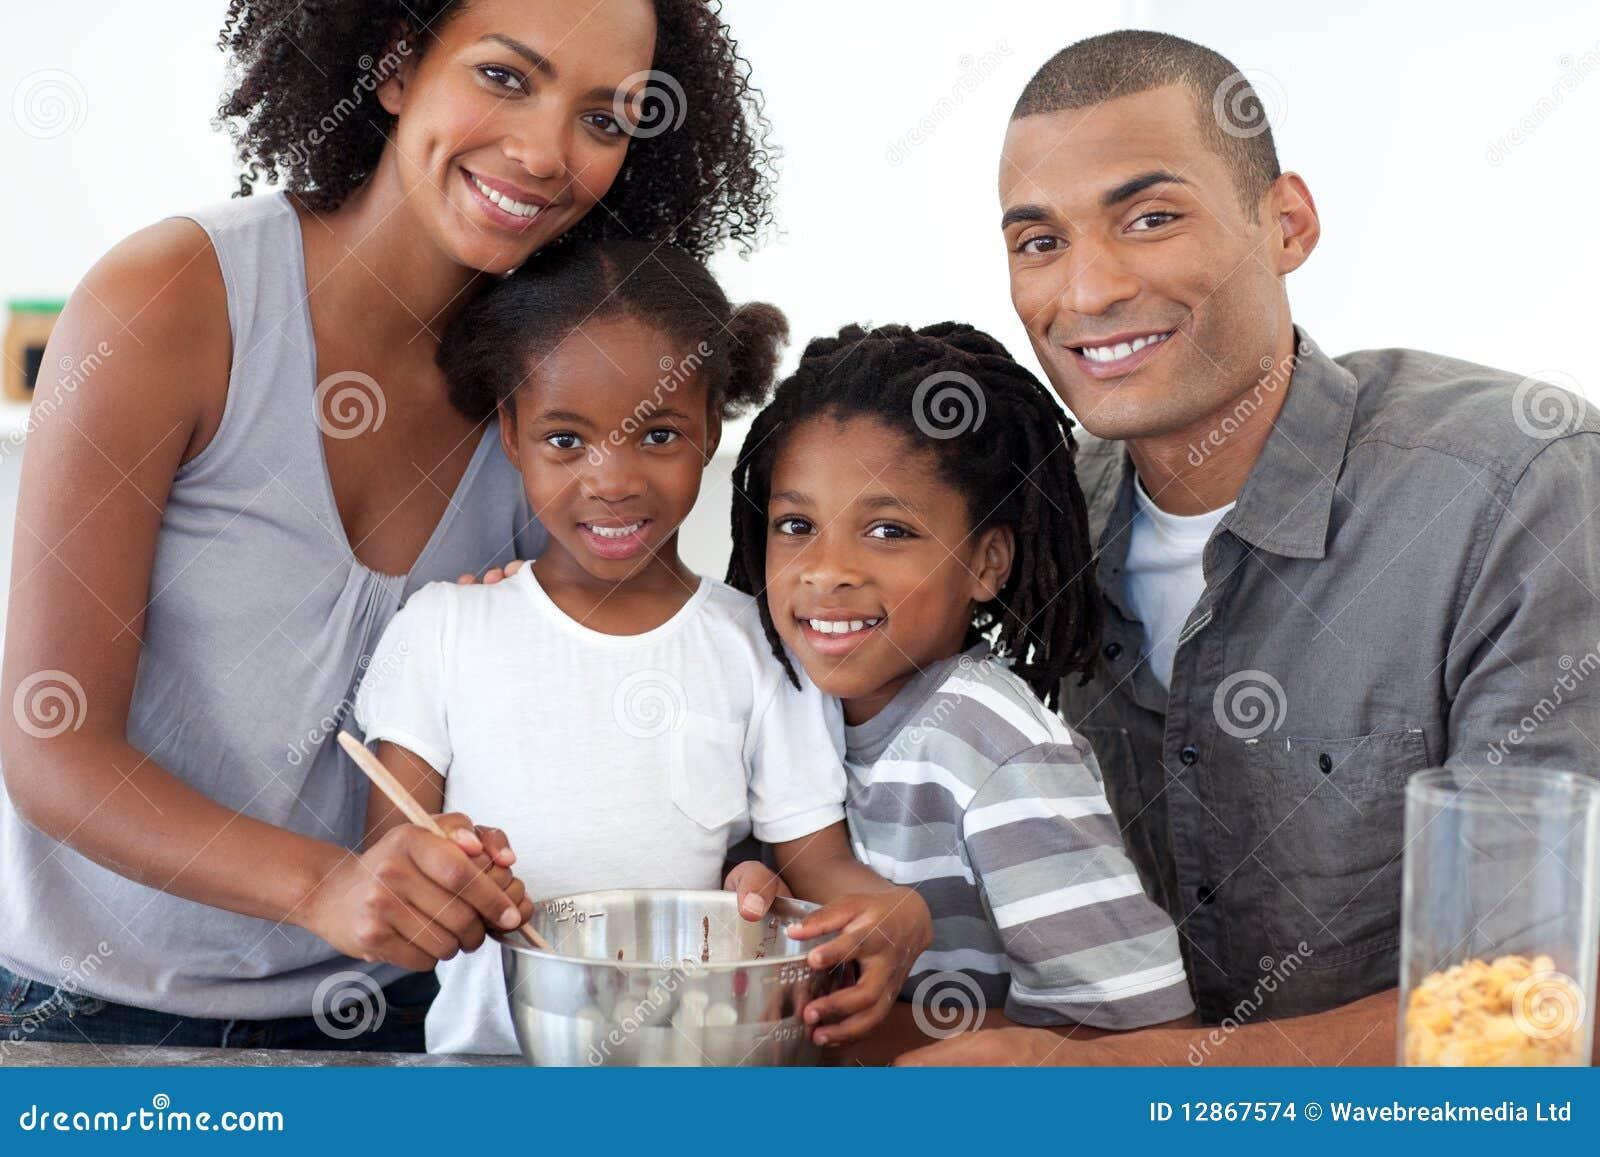 Чернокожие брат с сестрой порно 6 фотография